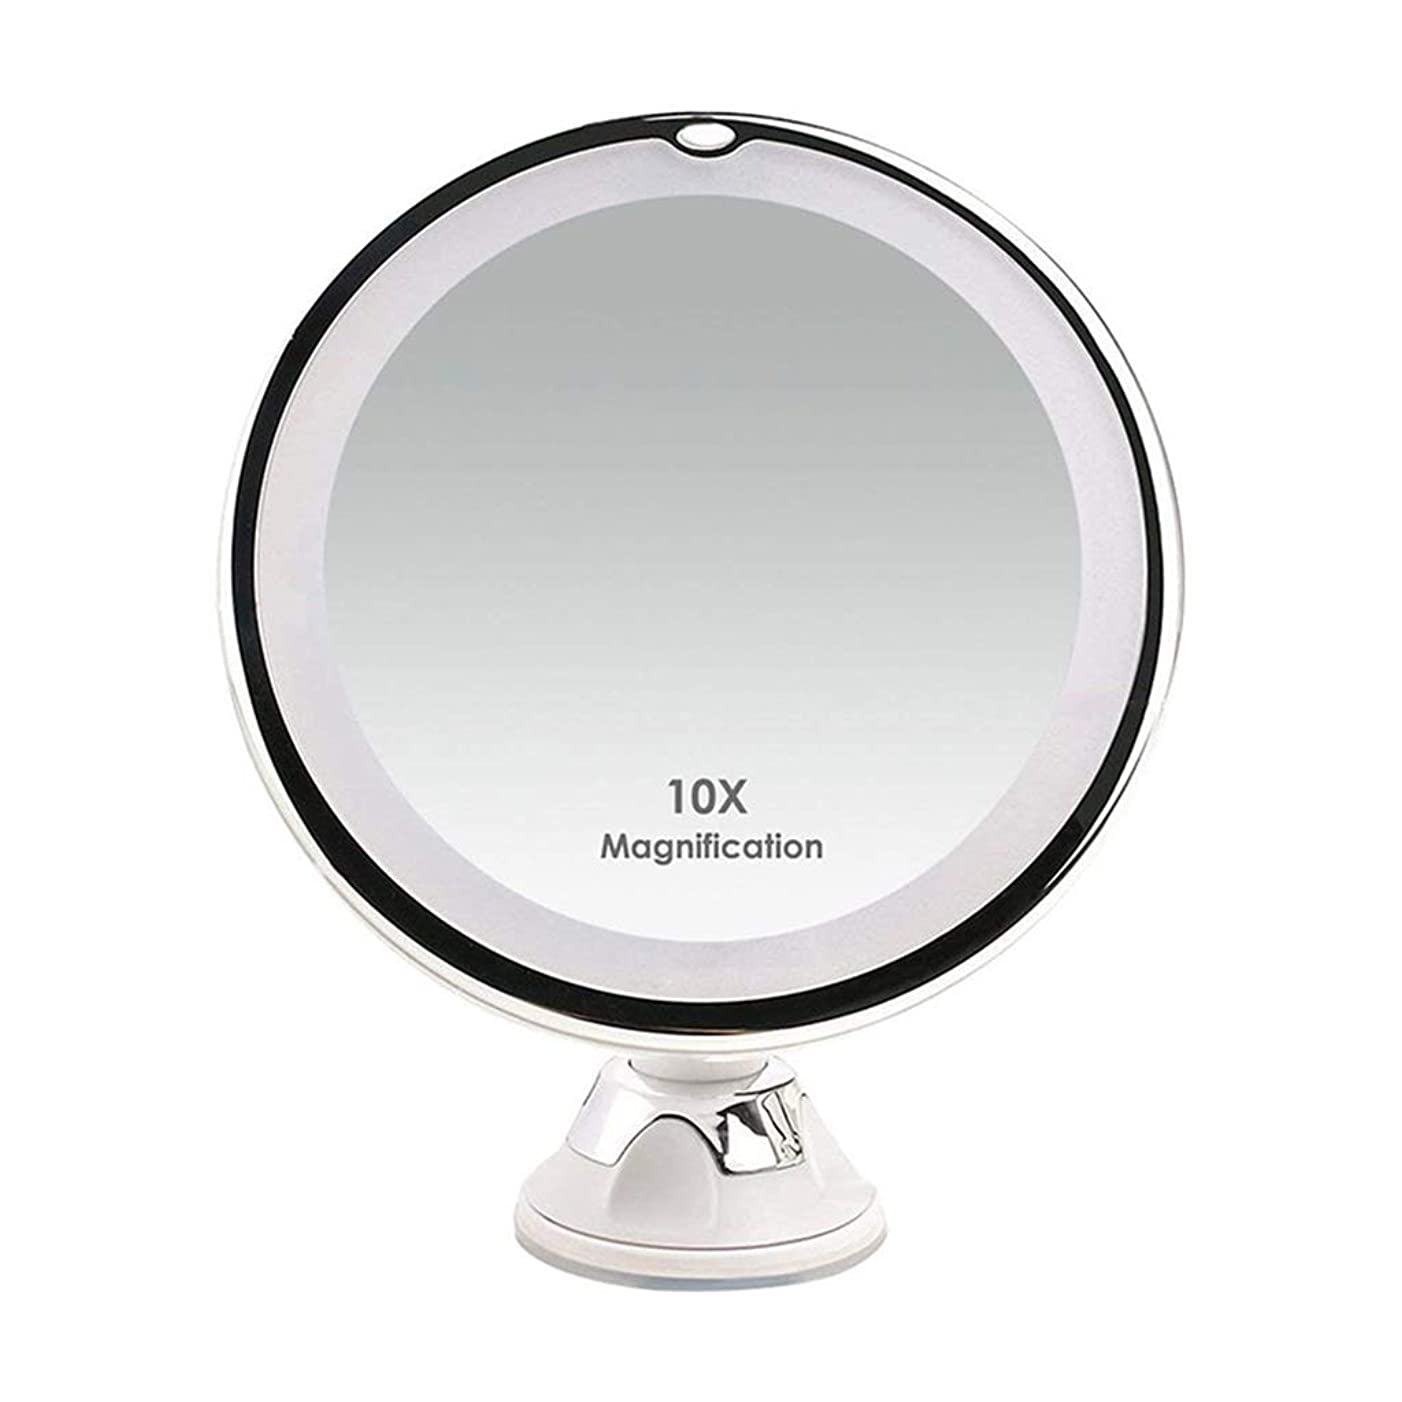 ギャロップ木覆すLEDメイクアップミラー10X拡大鏡化粧鏡ナイトライト家庭用卓上旅行用バスルームシャワー、360°スイベル、サクションカップ用ナイトライトフィルライト